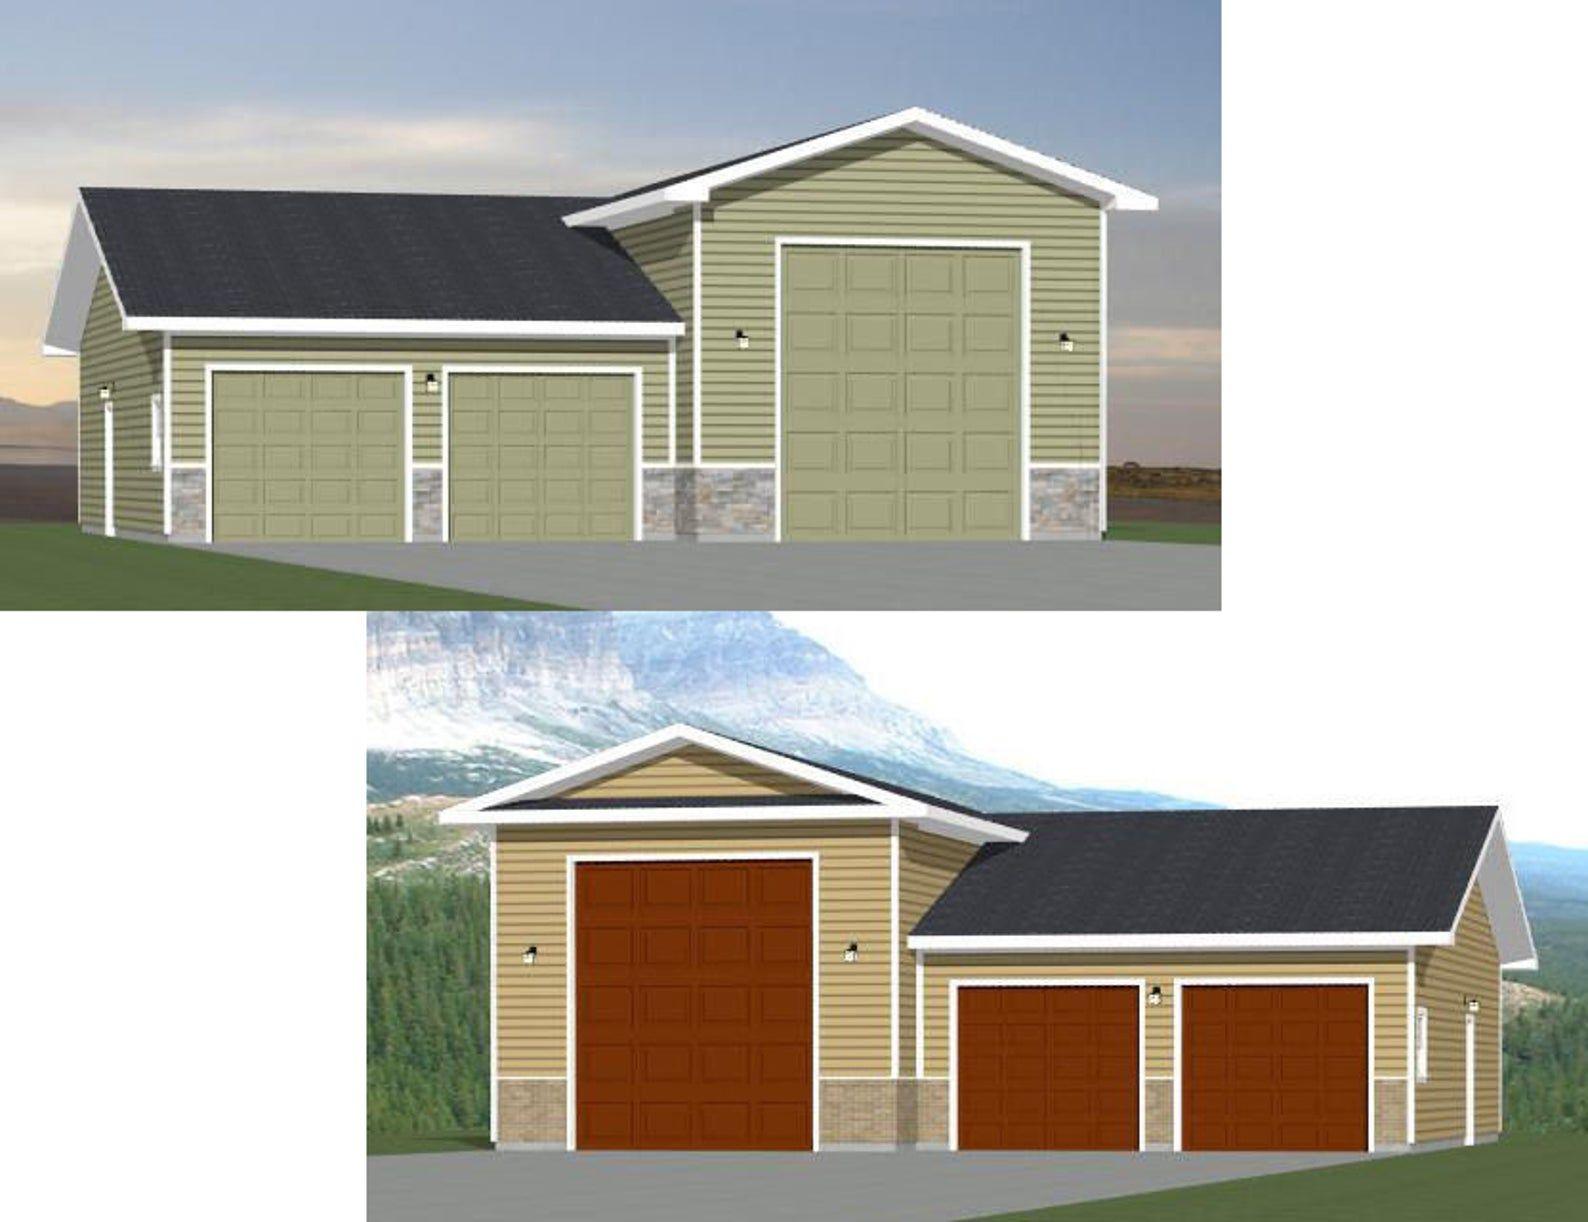 44x48 2 Car 1 Rv Garages 1200 Sq Ft Pdf Floor Plan Etsy With Images Floor Plans Garage Plans Large Sheds